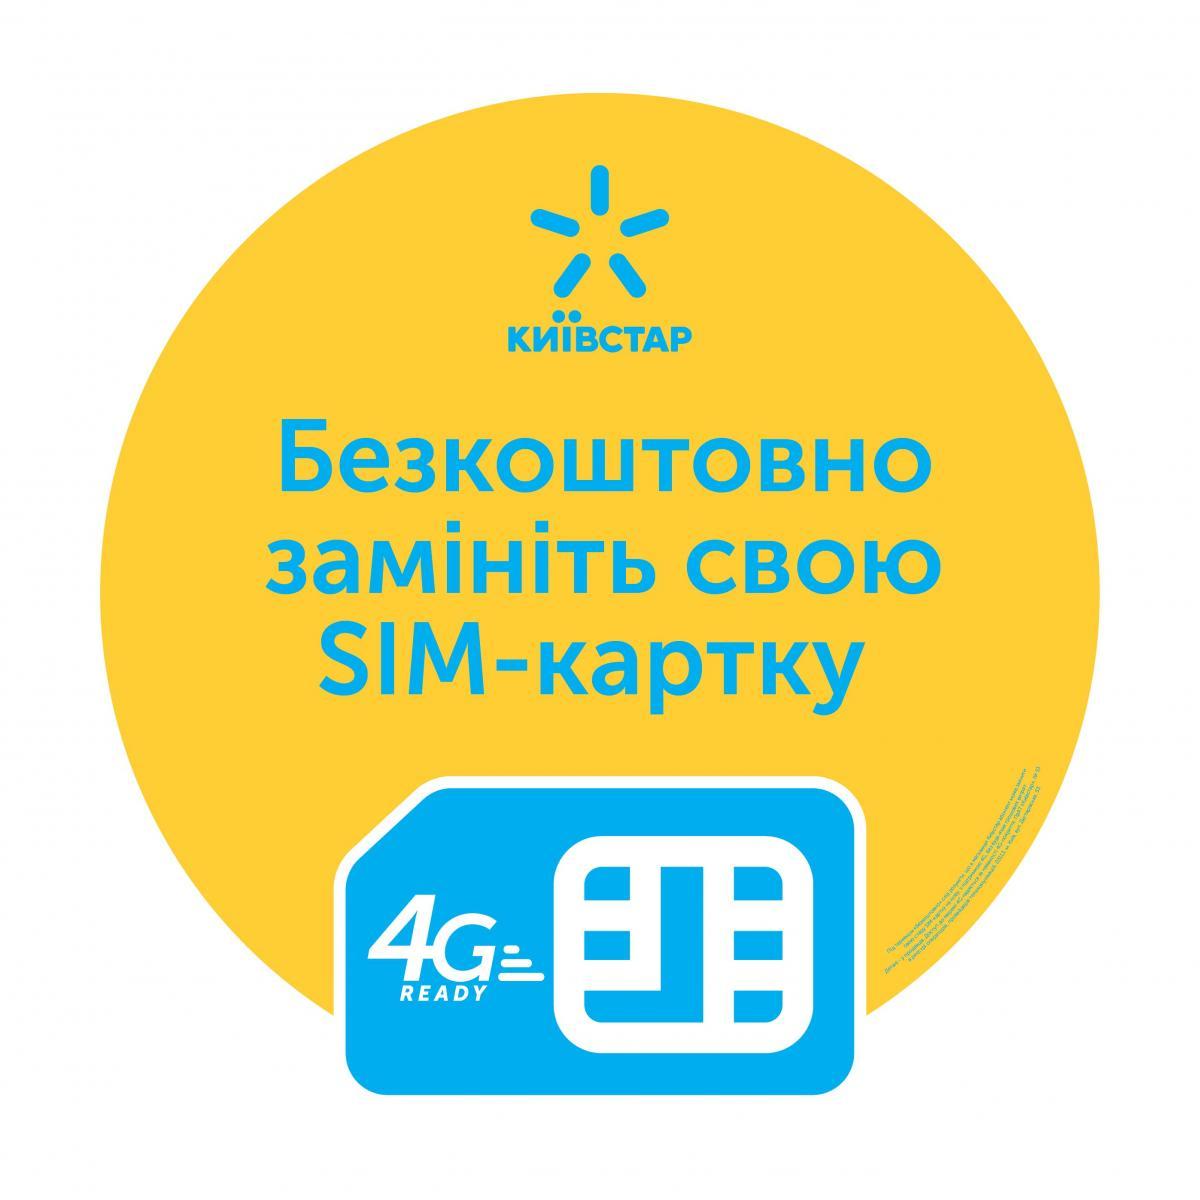 фото Київстар